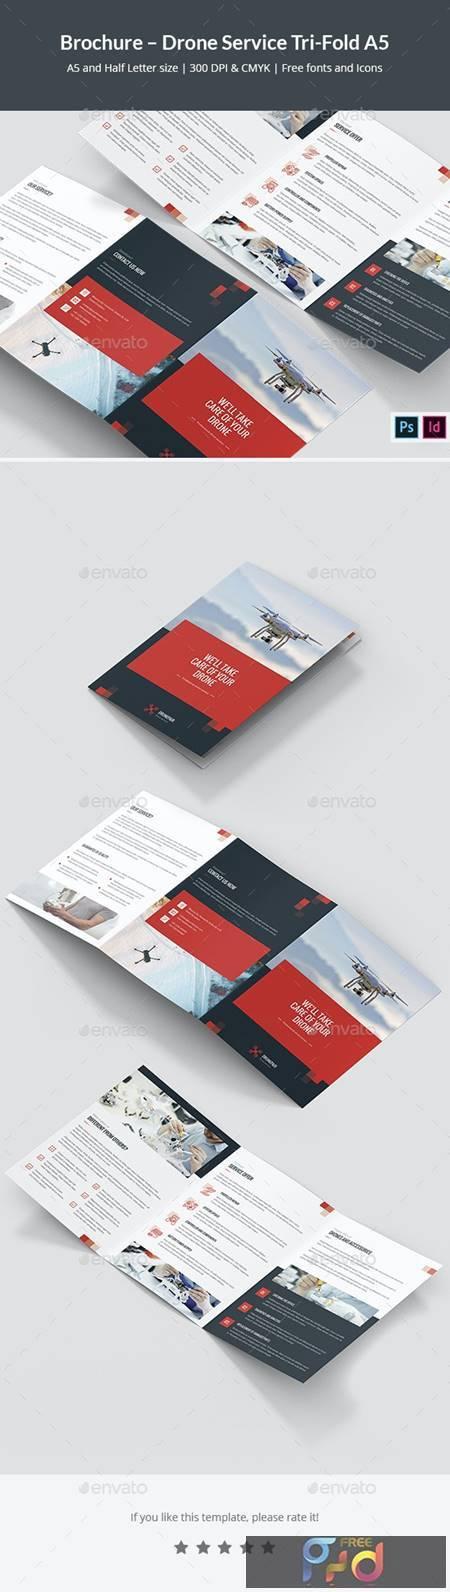 Brochure – Drone Service Tri-Fold A5 26501074 1